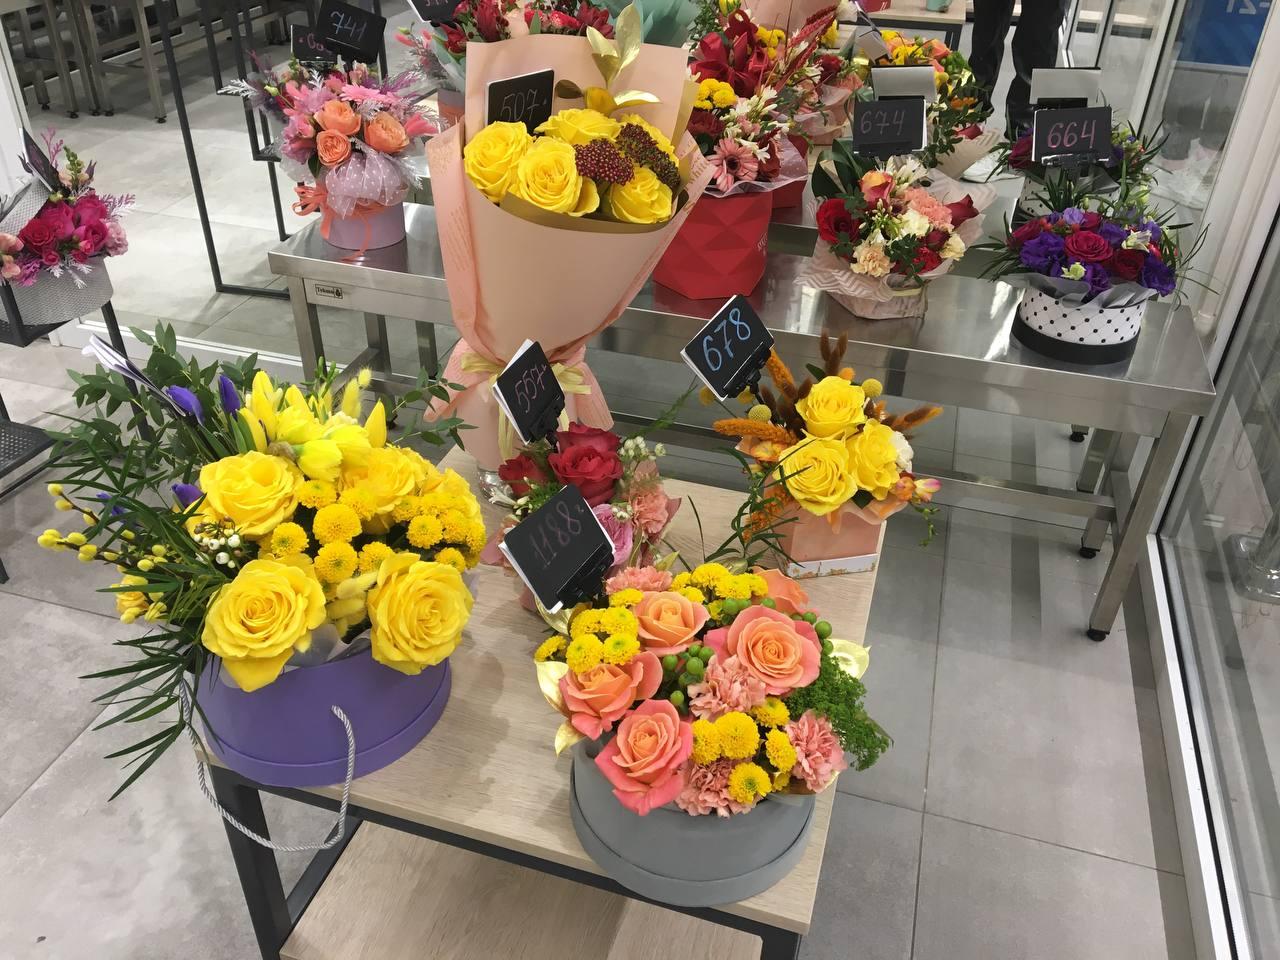 Київщина іn love: що найчастіше дарують коханим у 2021 році - ціни, подарунки, День Святого Валентина, День всіх закоханих - photo5278515782197817699